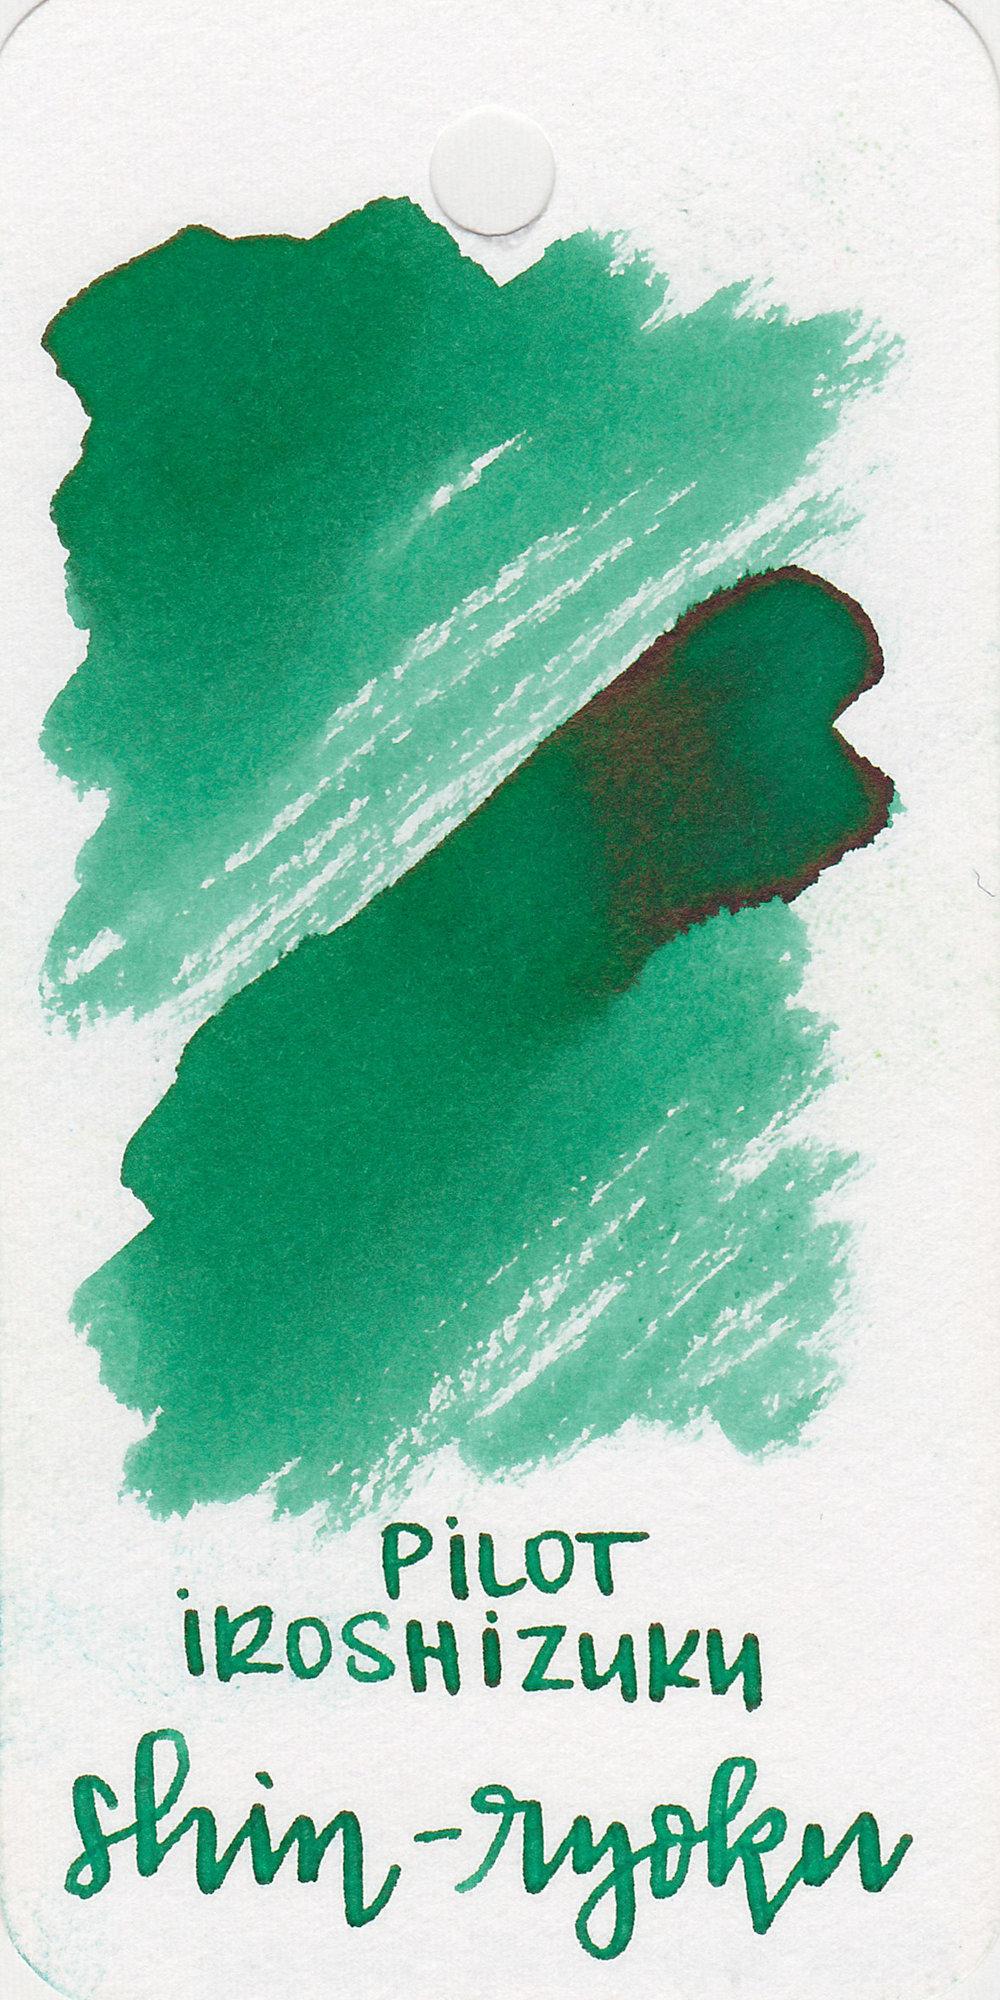 pi-shin-ryoku-1.jpg